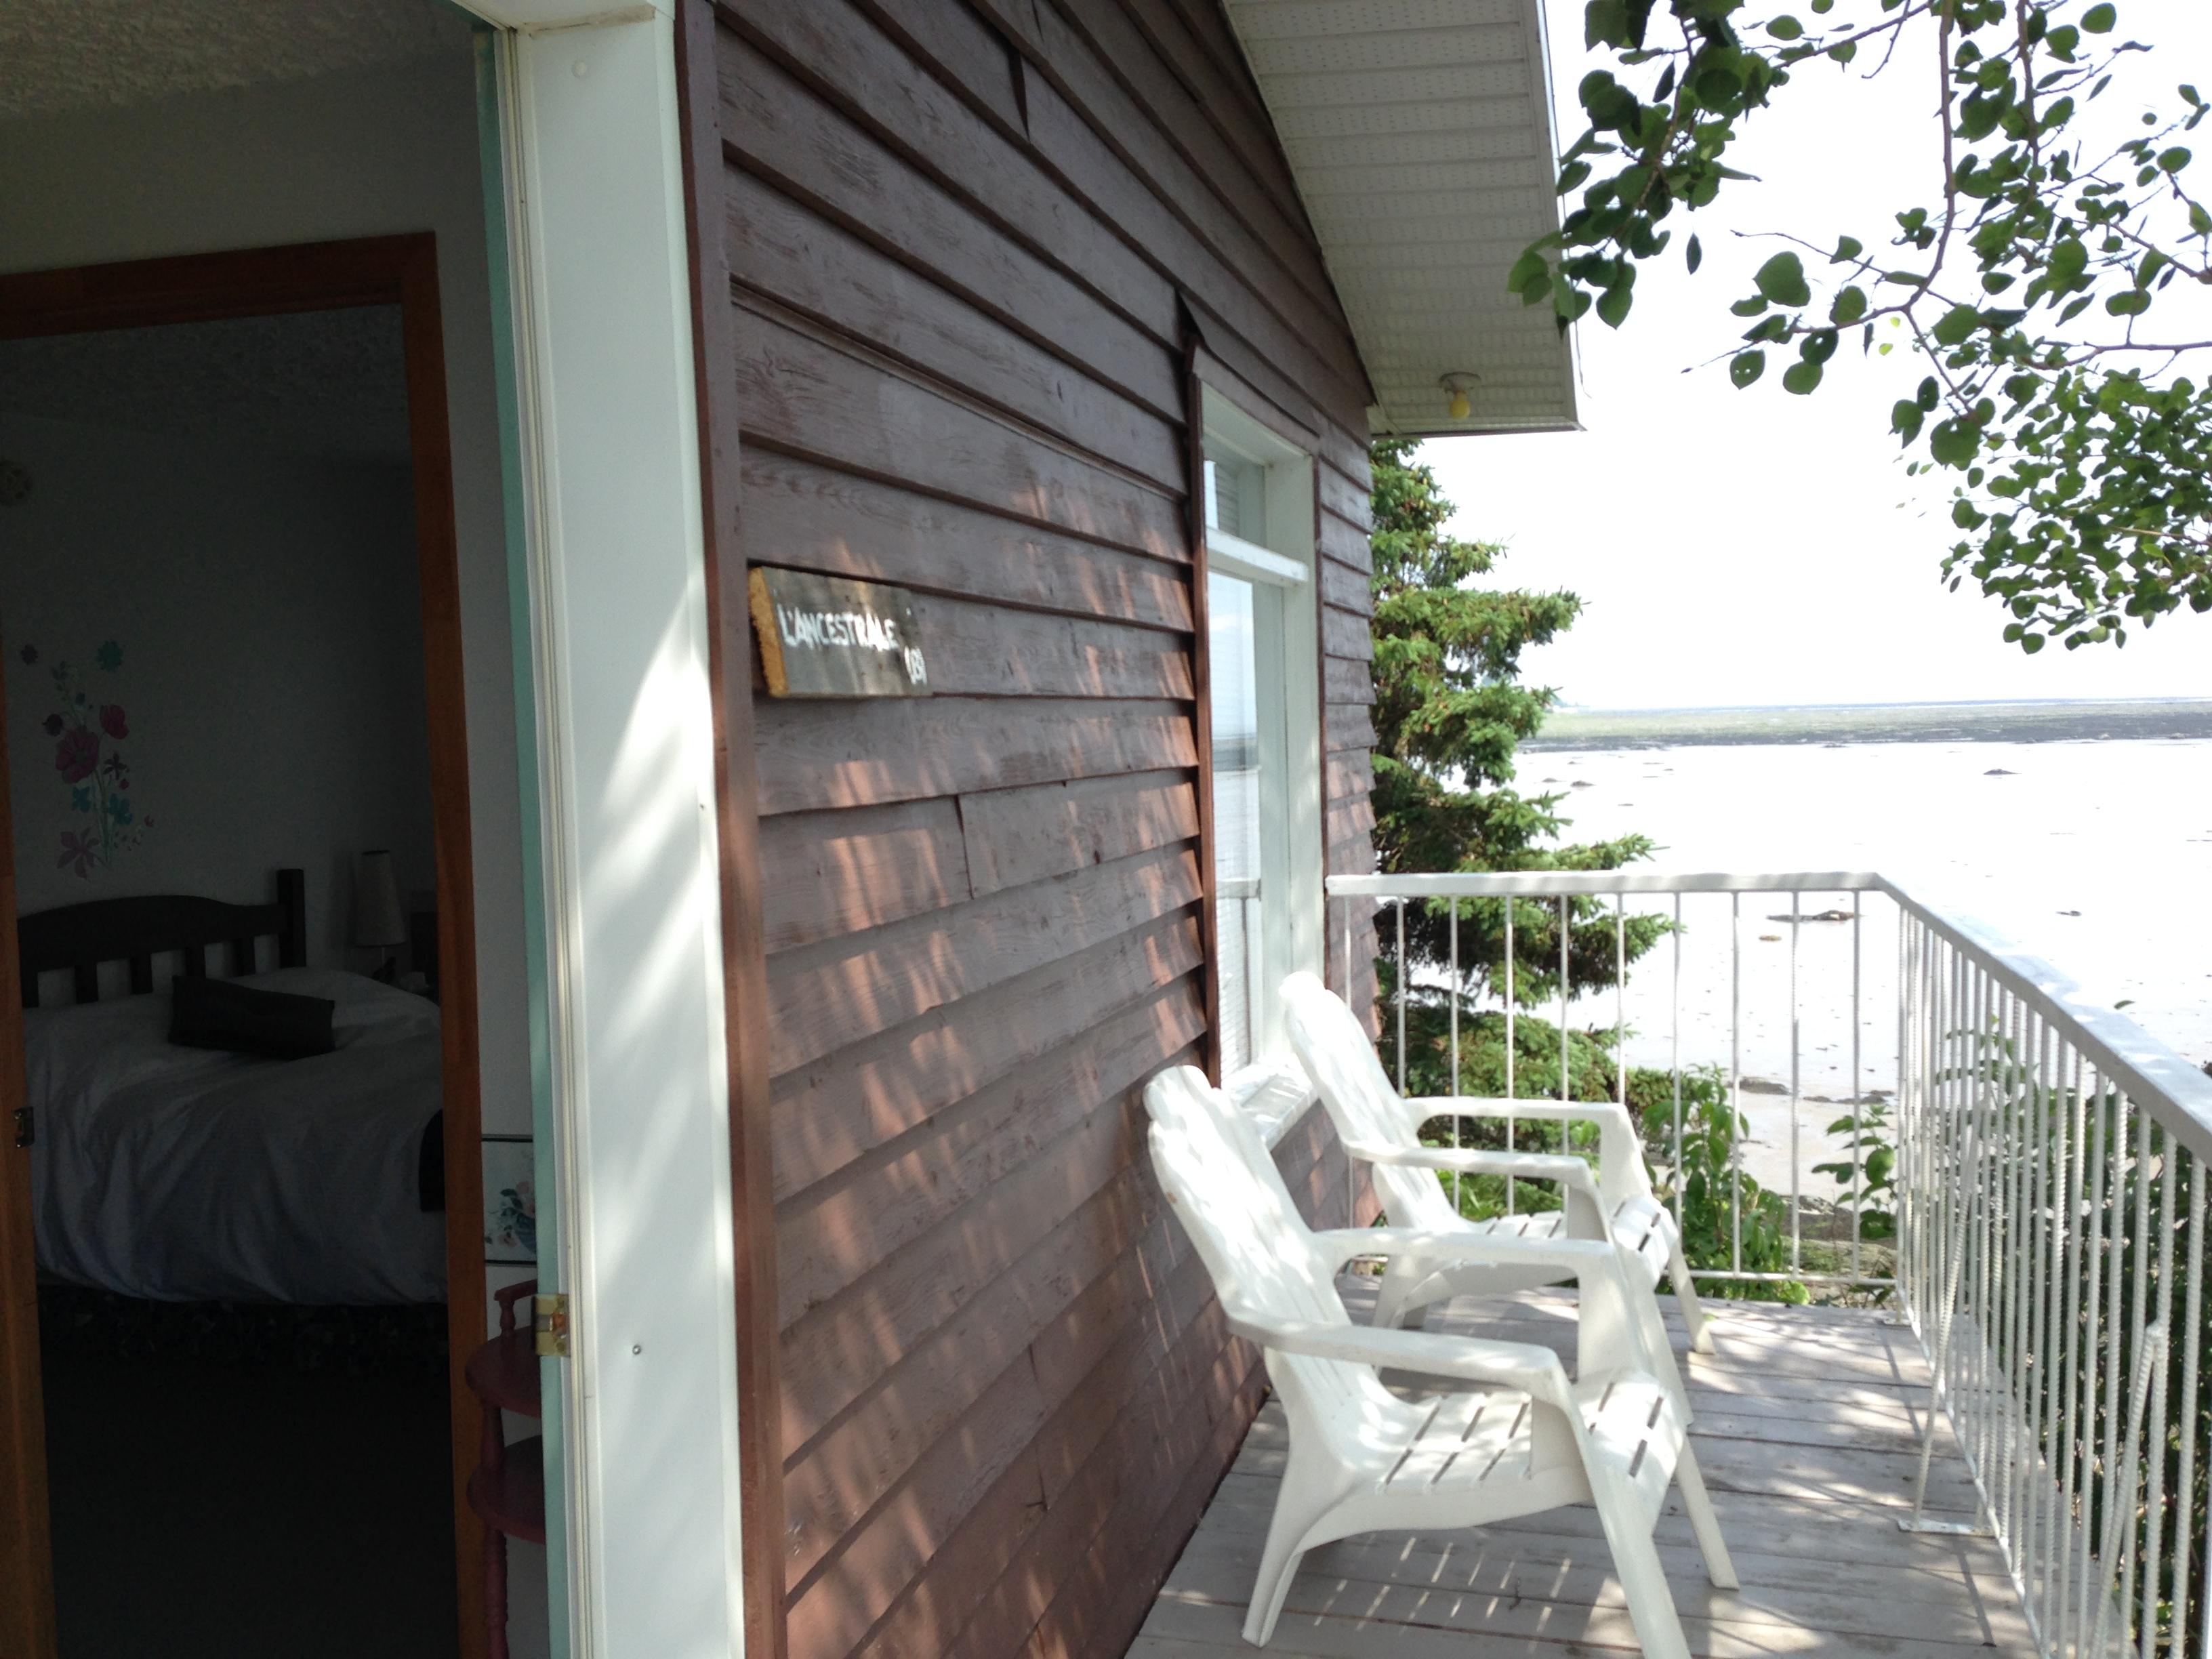 L'ancestrale et son balcon sur le fleuve